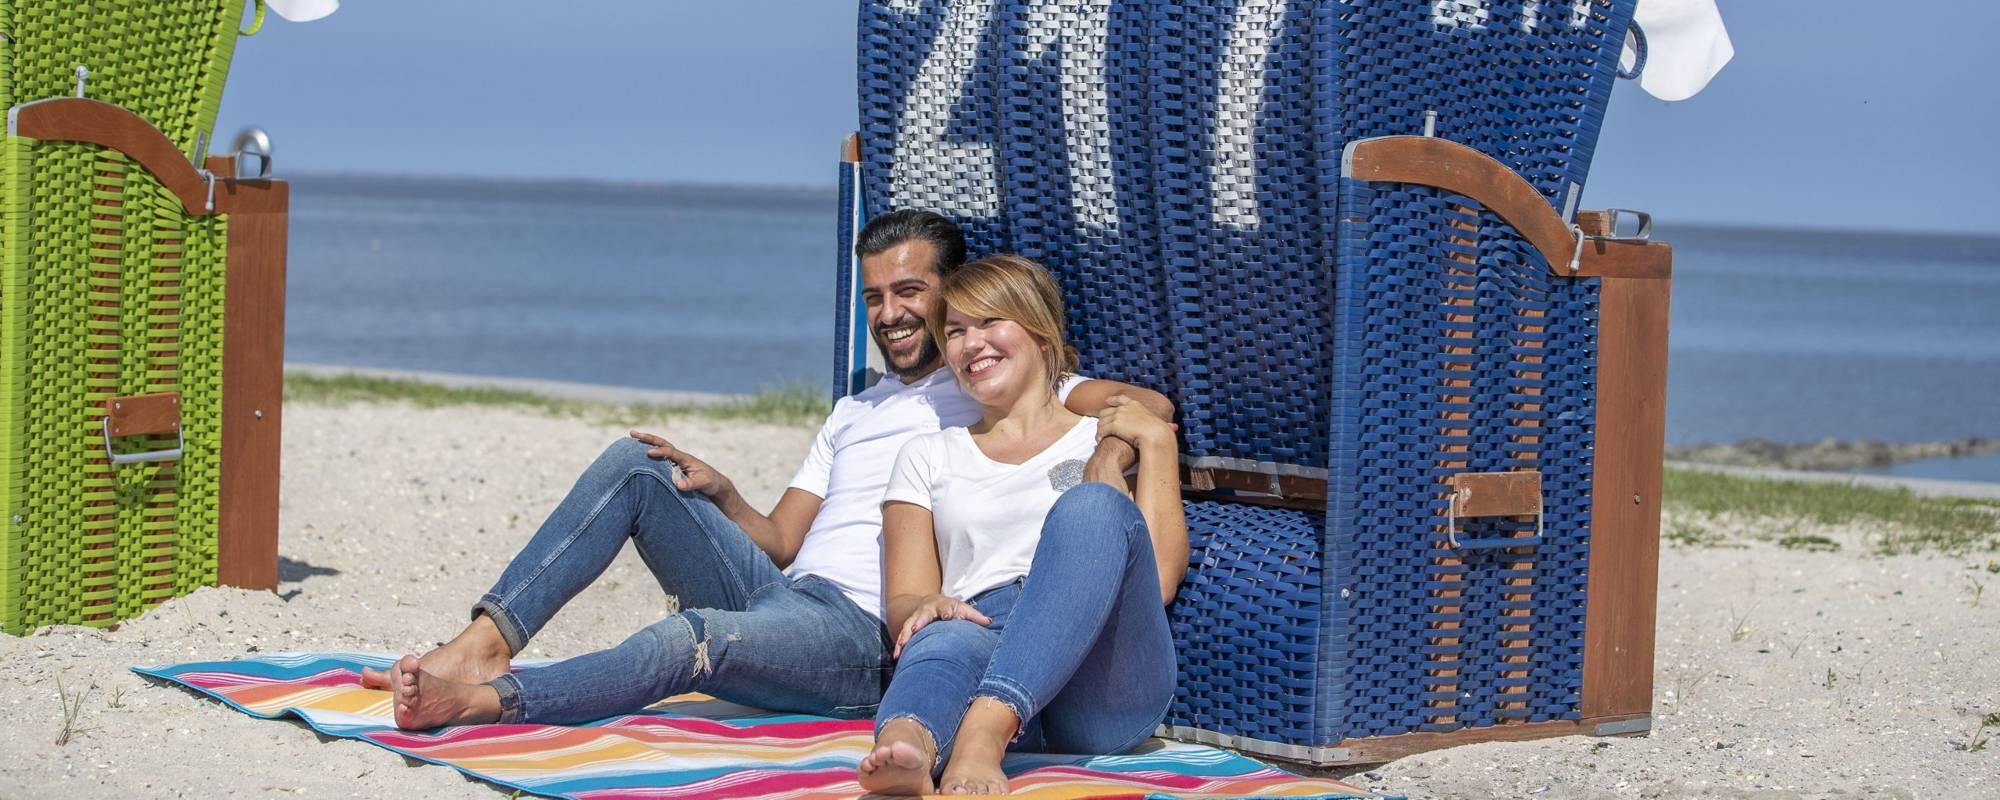 Nordseeurlaub für Paare